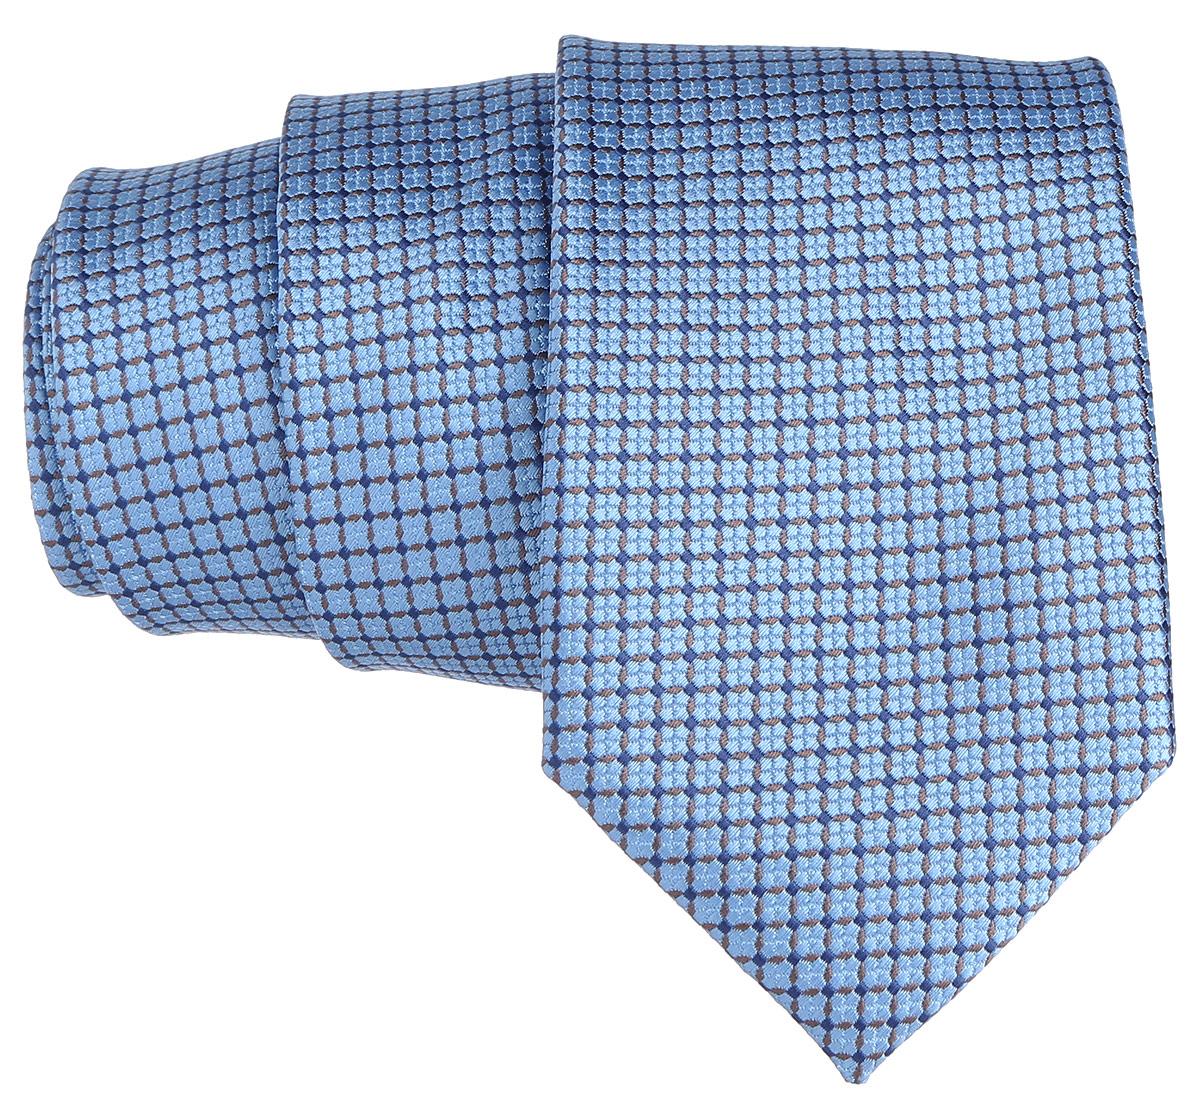 Галстук. 12.01852212.018522Стильный галстук BTC станет отличным завершающим штрихом вашего образа. Этот модный аксессуар порадует вас высоким качеством исполнения и современным дизайном. Изделие полностью выполнено из качественного полиэстера. Галстук оформлен оригинальным принтом. Такой оригинальный галстук подойдет как к повседневному, так и к официальному наряду, он позволит вам подчеркнуть свою индивидуальность и создать свой неповторимый стиль.